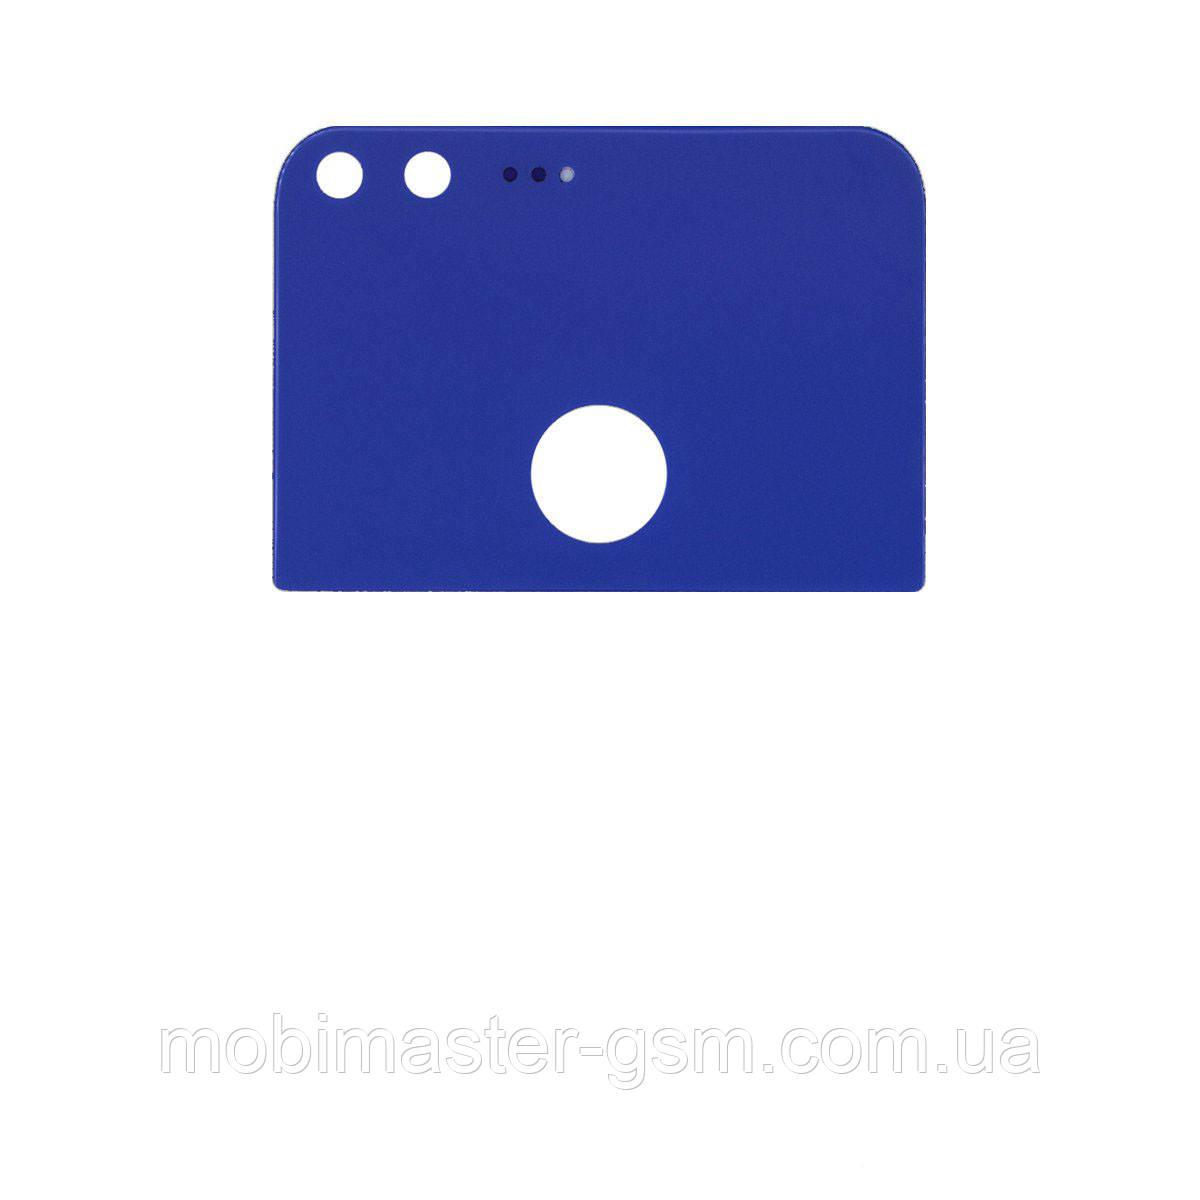 Задняя крышка Google Pixel XL blue